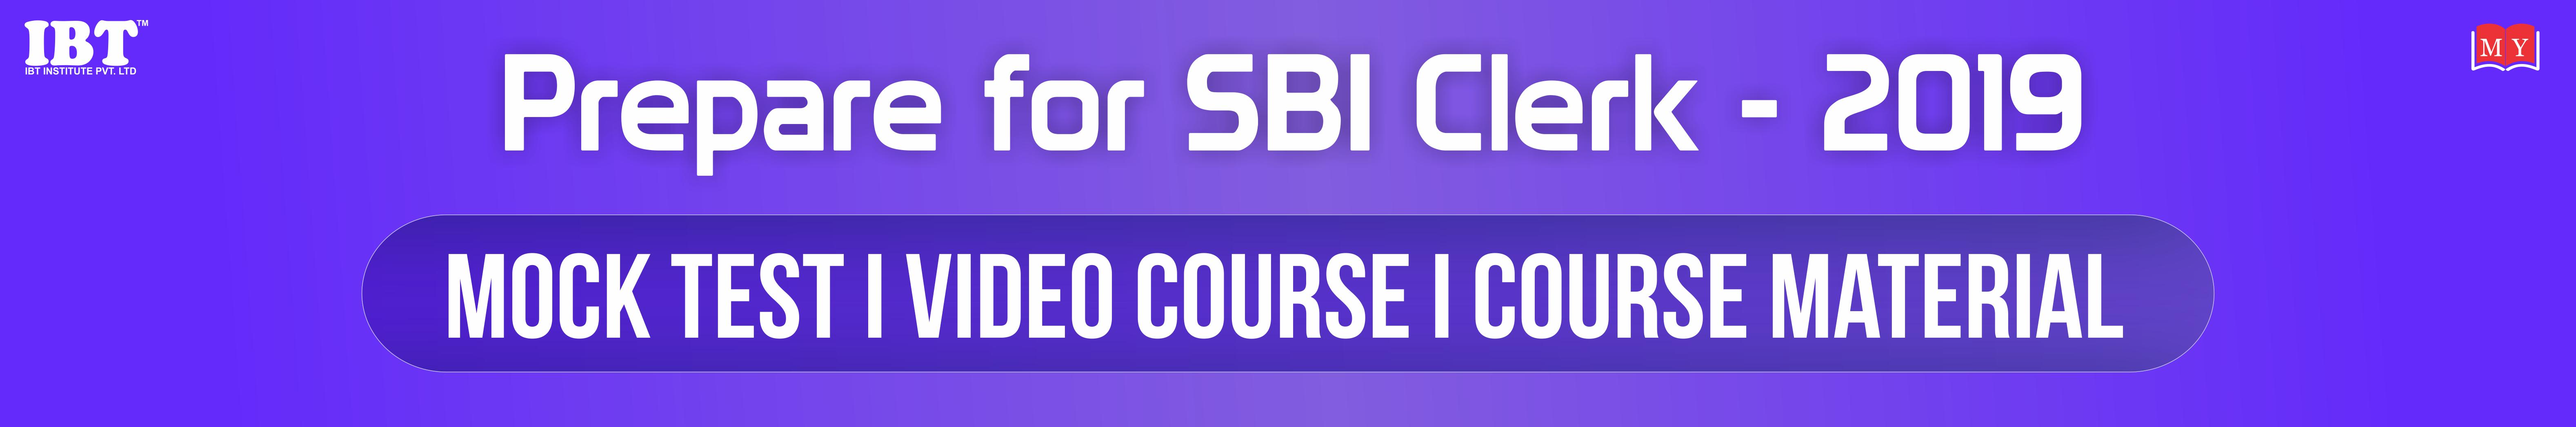 SBI Clerk 2019: SBI Clerk Notification, SBI Clerk Vacancy, Pattern